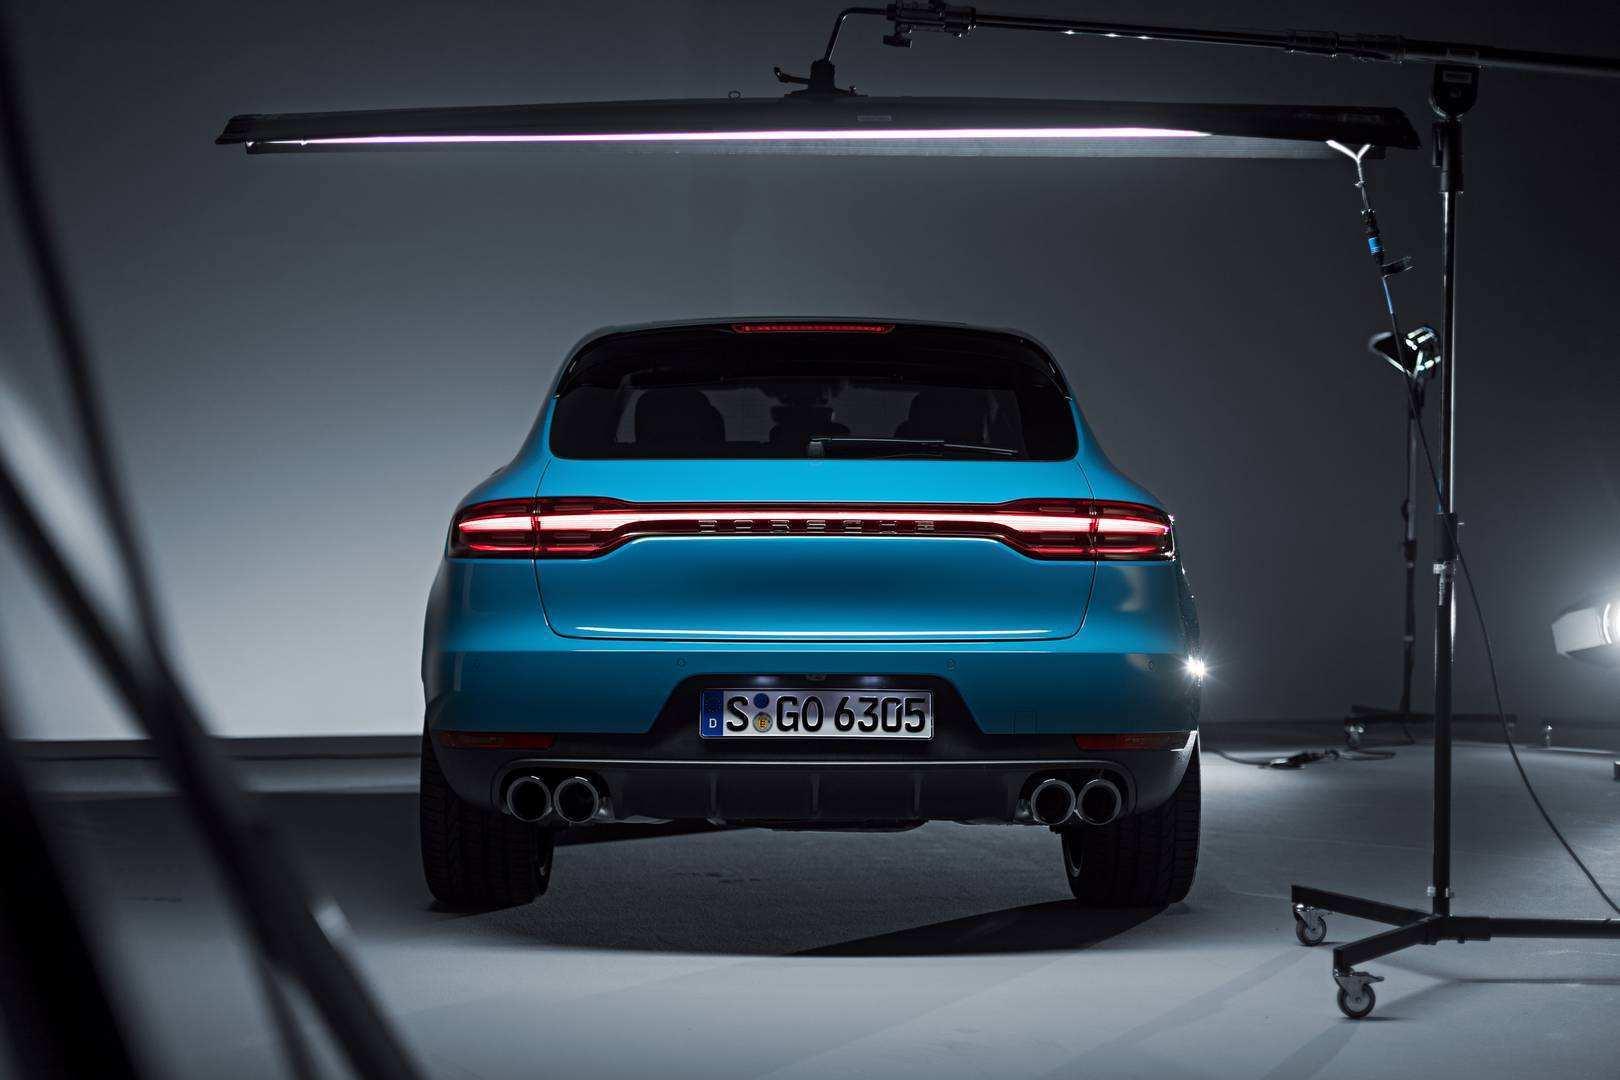 34 All New 2019 Porsche Macan Gts History for 2019 Porsche Macan Gts